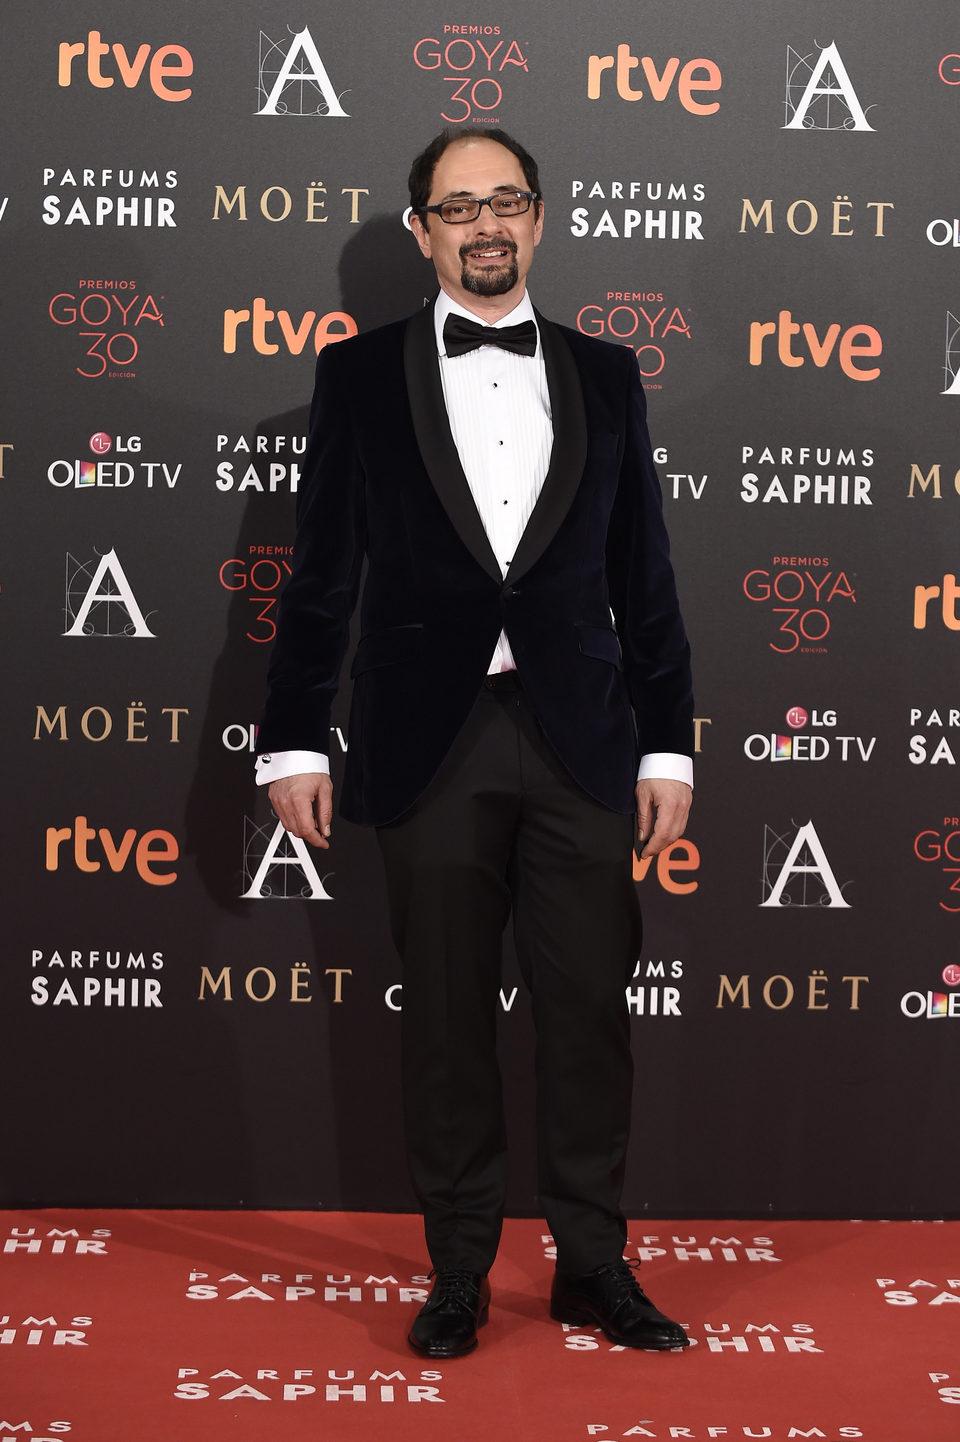 Jordi Sánchez en la alfombra roja de los Premios Goya 2016